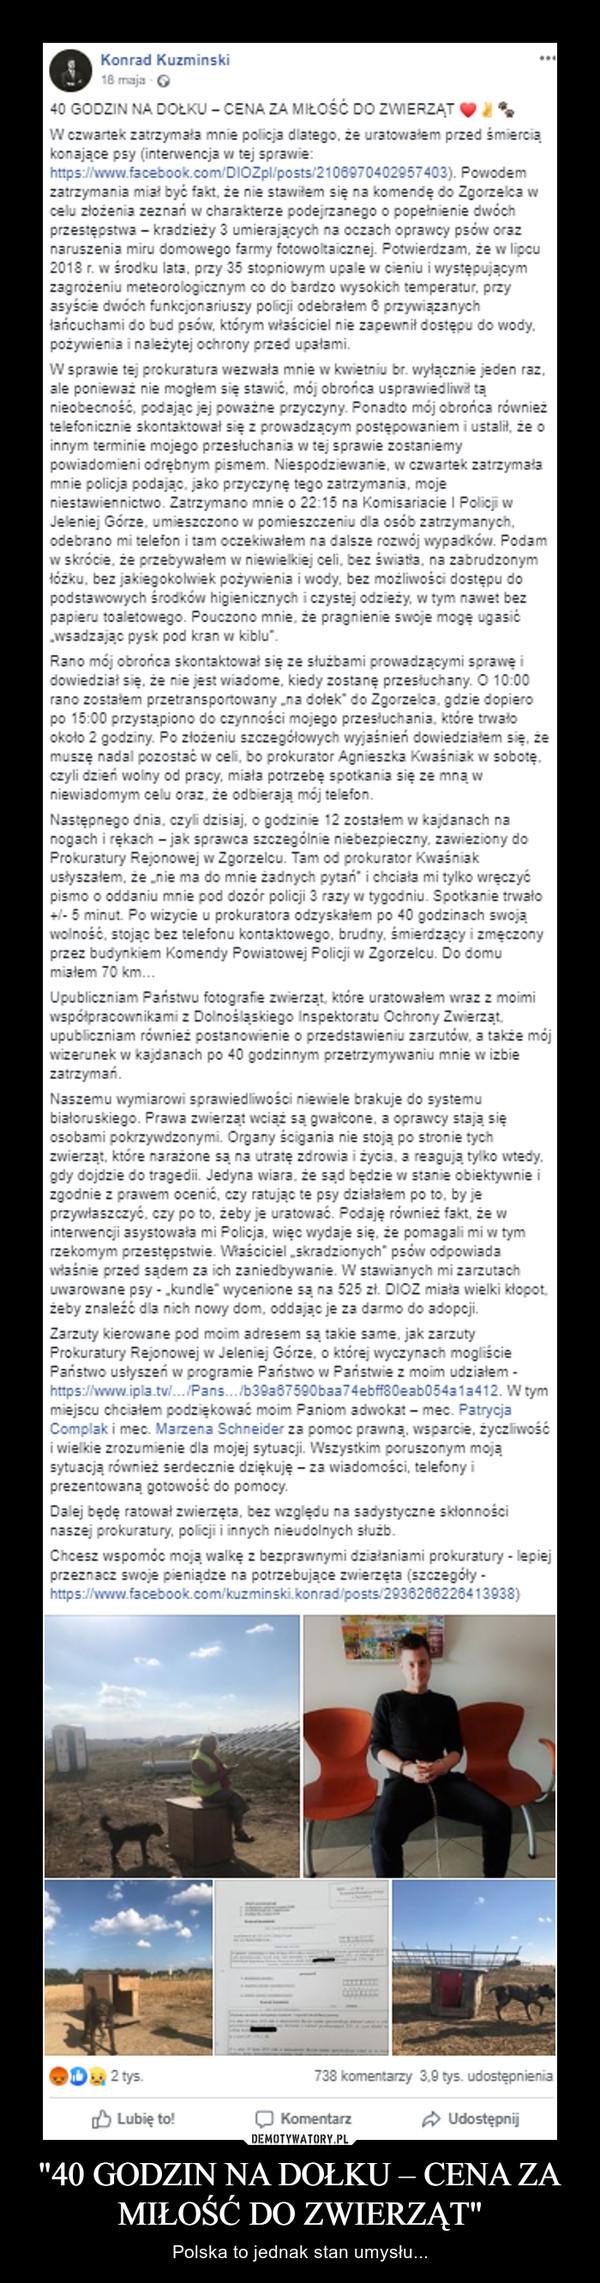 """""""40 GODZIN NA DOŁKU – CENA ZA MIŁOŚĆ DO ZWIERZĄT"""" – Polska to jednak stan umysłu... 40 GODZIN NA DOŁKU CENA ZA MIŁOŠČ DO ZWIERZATW czwartek zatrzymaia mnie policja dlatego,konające psy (interwencja w tej sprawie:uratowalem przed smiercia108970402957403), Powzatrzymania mial być fakt, że nie stawitem się na komende do Zgorzelca wcelu zlożenia zeznań w charakterze podejrzanego o popetnienie dwóchprzestępstwa kradzieży 3 umierajacych na oczach oprawcy psdów oraz2018 r. w środku lata, przy 35 stopniowym upalew cieniu i wystepujacymzagrożeniu meteorologicznym coasyście dwóch funkcjonariuszy policji odebrałem 6 przywiązanychbardzo wysokich temperatur, przyzapewnit dostepu do wody,pożywienia i należytej ochrony przed upałami.W sprawie tej prokuratura wezwała mnie w kwietniu br. wyłacznie jeden raz,ale ponieważ nie moglem się stawić, mój obrońca usprawiedliwi tanieobecność, podając jej poważne przyczyny. Ponadto mój obrońca równieżinnym terminie mojego przesłuchania w tej spravwie zostaniemypowiadomieni odrebnym pismem. Niespodziewanie, w czwartek zatrzymałamnie policja podając, jako przyczynę tego zatrzymania, mojeI Policii wJeleniej Górze, umieszczono w pomieszczeniu dla osób zatrzymanych,telefon i tam oczekiwalem na dalsze rozwój wypadków. Podamw skrócie, że przebywalem wniewielkiej celi, bez świata, na zabrudzonymodebranopodstawowvch srodków higienicznvch i czystei odzieżv. w tym nawet bezpapieru toaletowego. Pouczono mnie, że pragnienie swoje moge ugasić-wsadzając pysk pod kran w kiblu"""".Rano mój obrońca skontaktował się ze slużbami prowadzącymi sprawę irano zostałem przetransportowany .na dolek do Zgorzelca, gdzie dopieropo 15:00 przystapiono do czynności mojego przesłuchania, które trwalookolo 2 godziny. Po złożeniu szczegółowych wyjaśnien dowiedzialem się, żeczvli dzień wolny od pracv, miata potrzebe spotkania sie ze mnaniewiadomym celu oraz, że odbieraja mój telefon.Następnego dnia, czyli dzisiaj, o godzinie 12 zostalem w kajdanach nanogach i rekach - jak sprawca sz"""